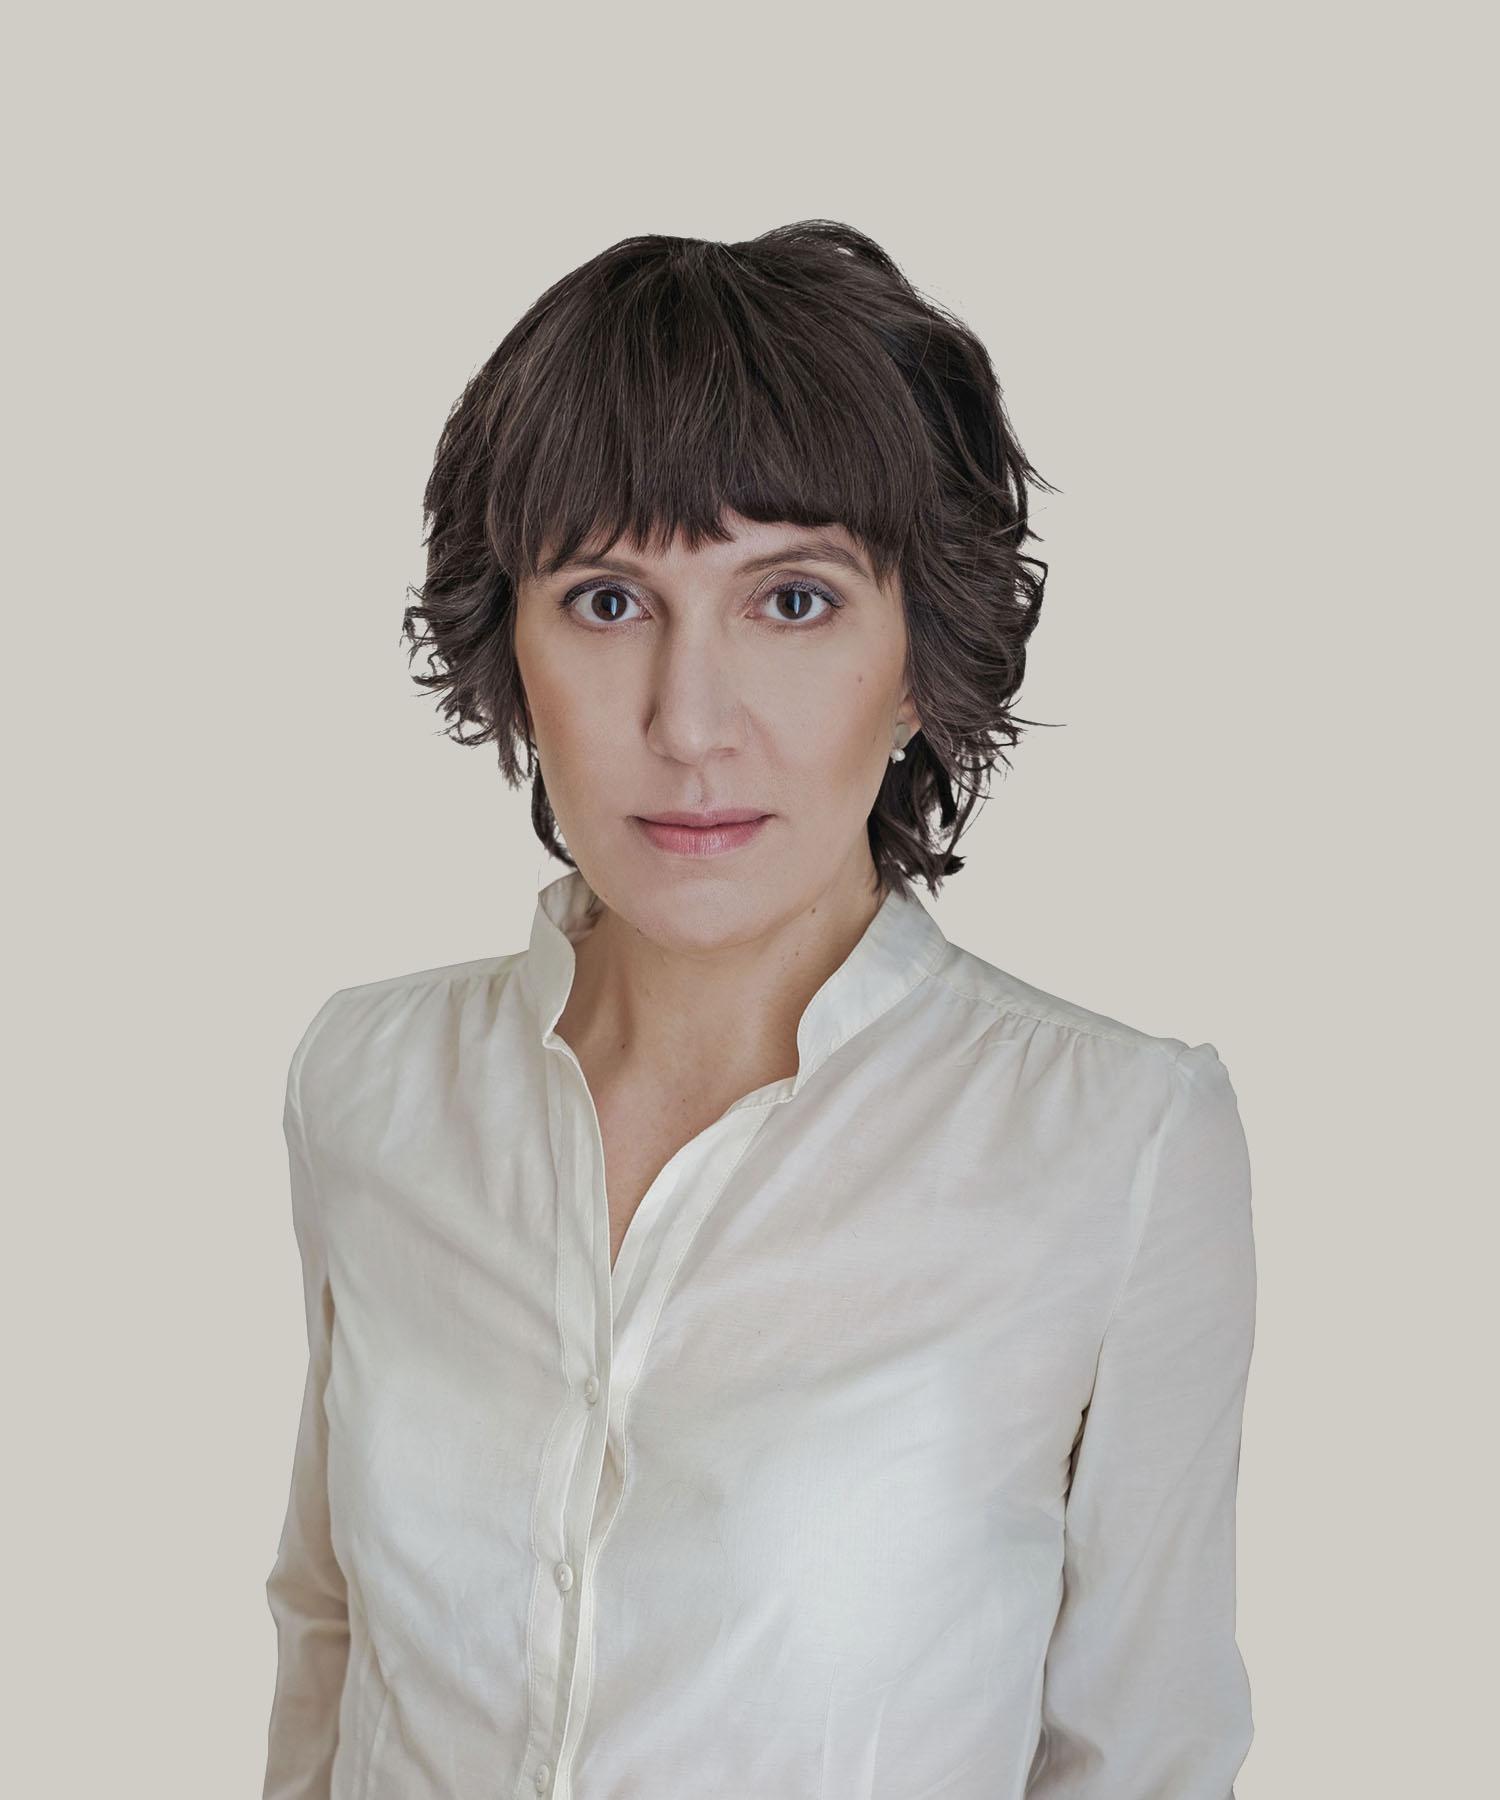 Helen Kirber